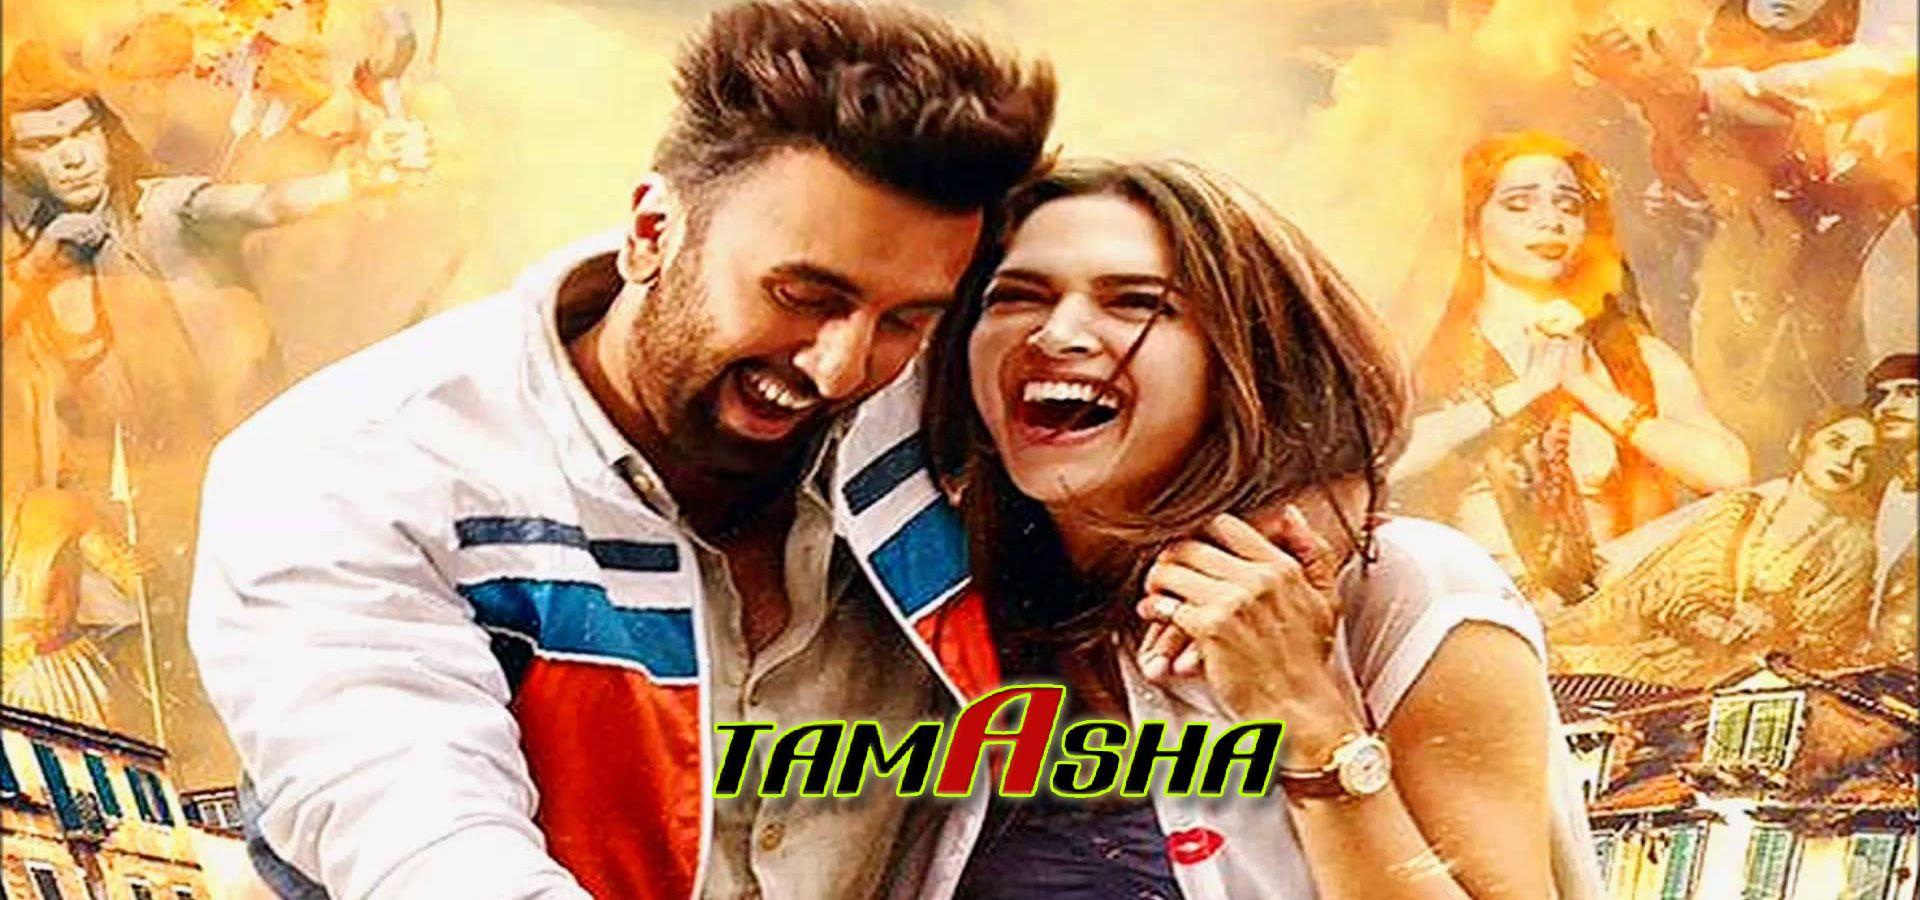 Matargashti - Tamasha | Tamasha movie, Movies, Movie one day